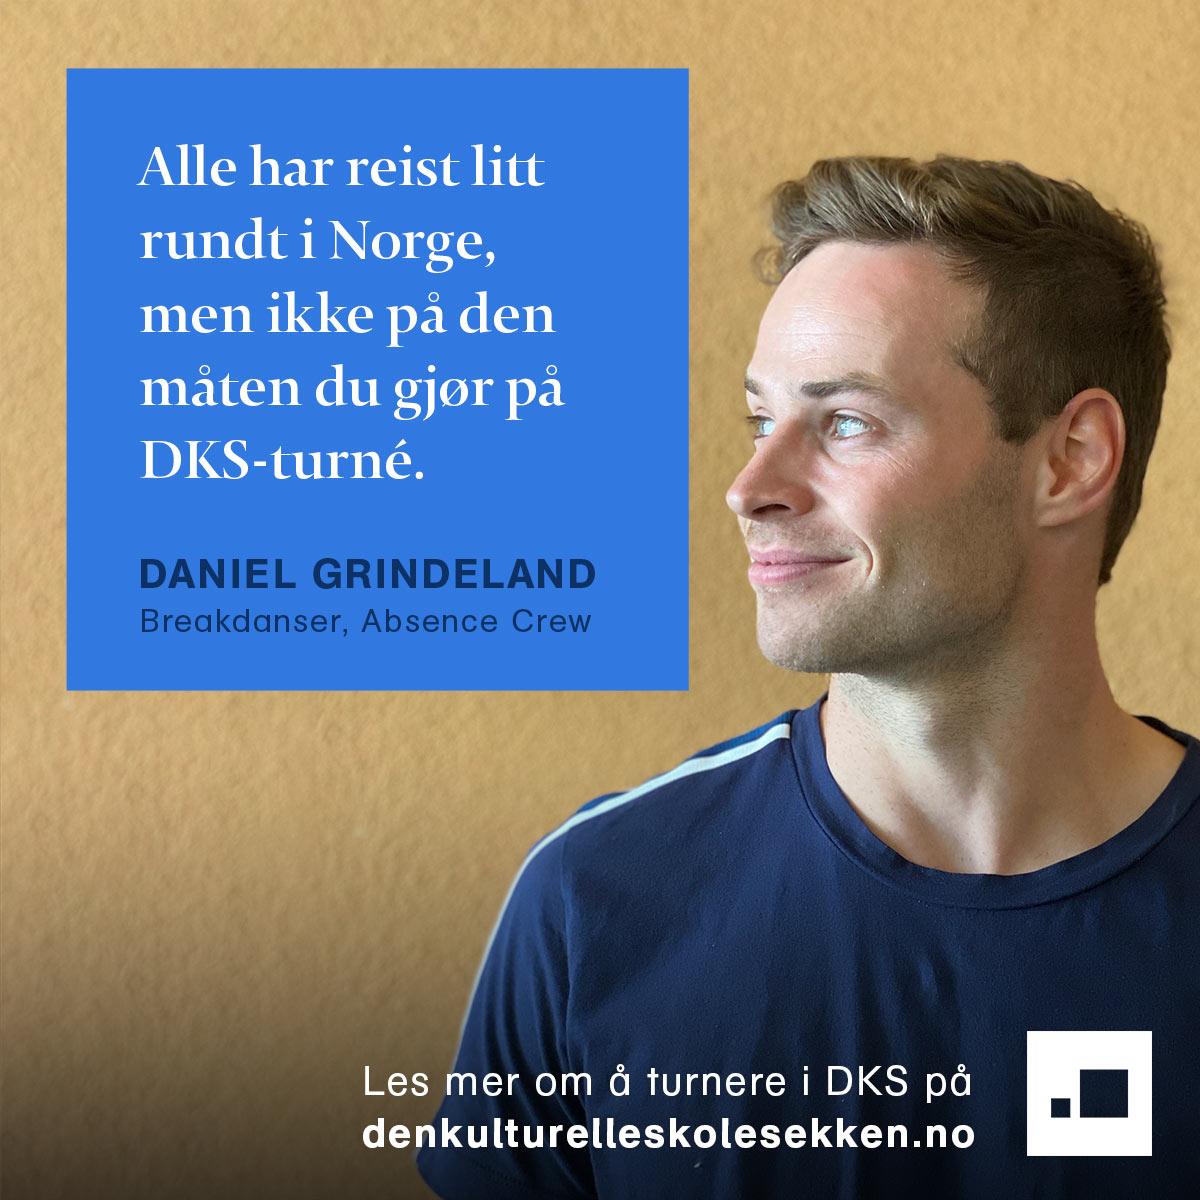 Sitat: Alle har reist litt rundt i Norge, men ikke på den måten du gjør på en DKS-turné. - Daniel Grindeland